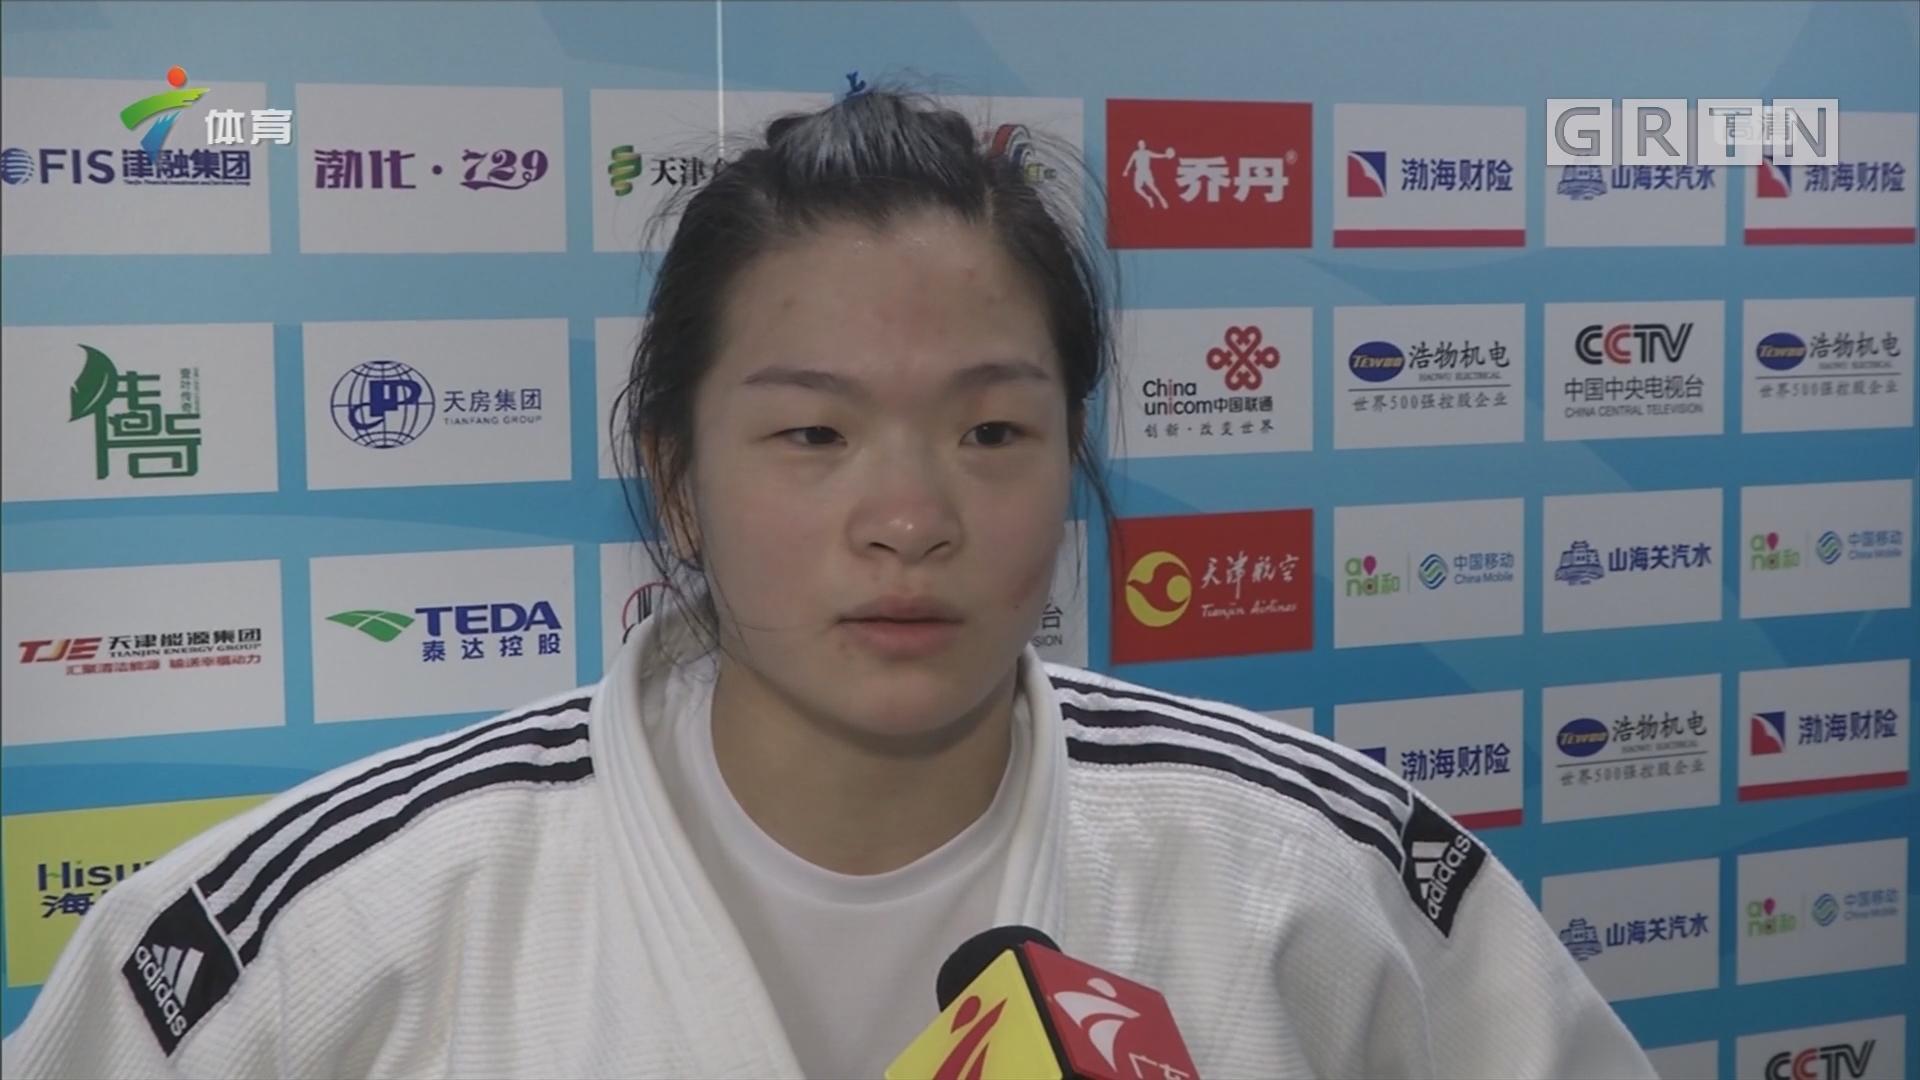 柔道女子63公斤以下级 广东选手郑嘉玲获得第五名